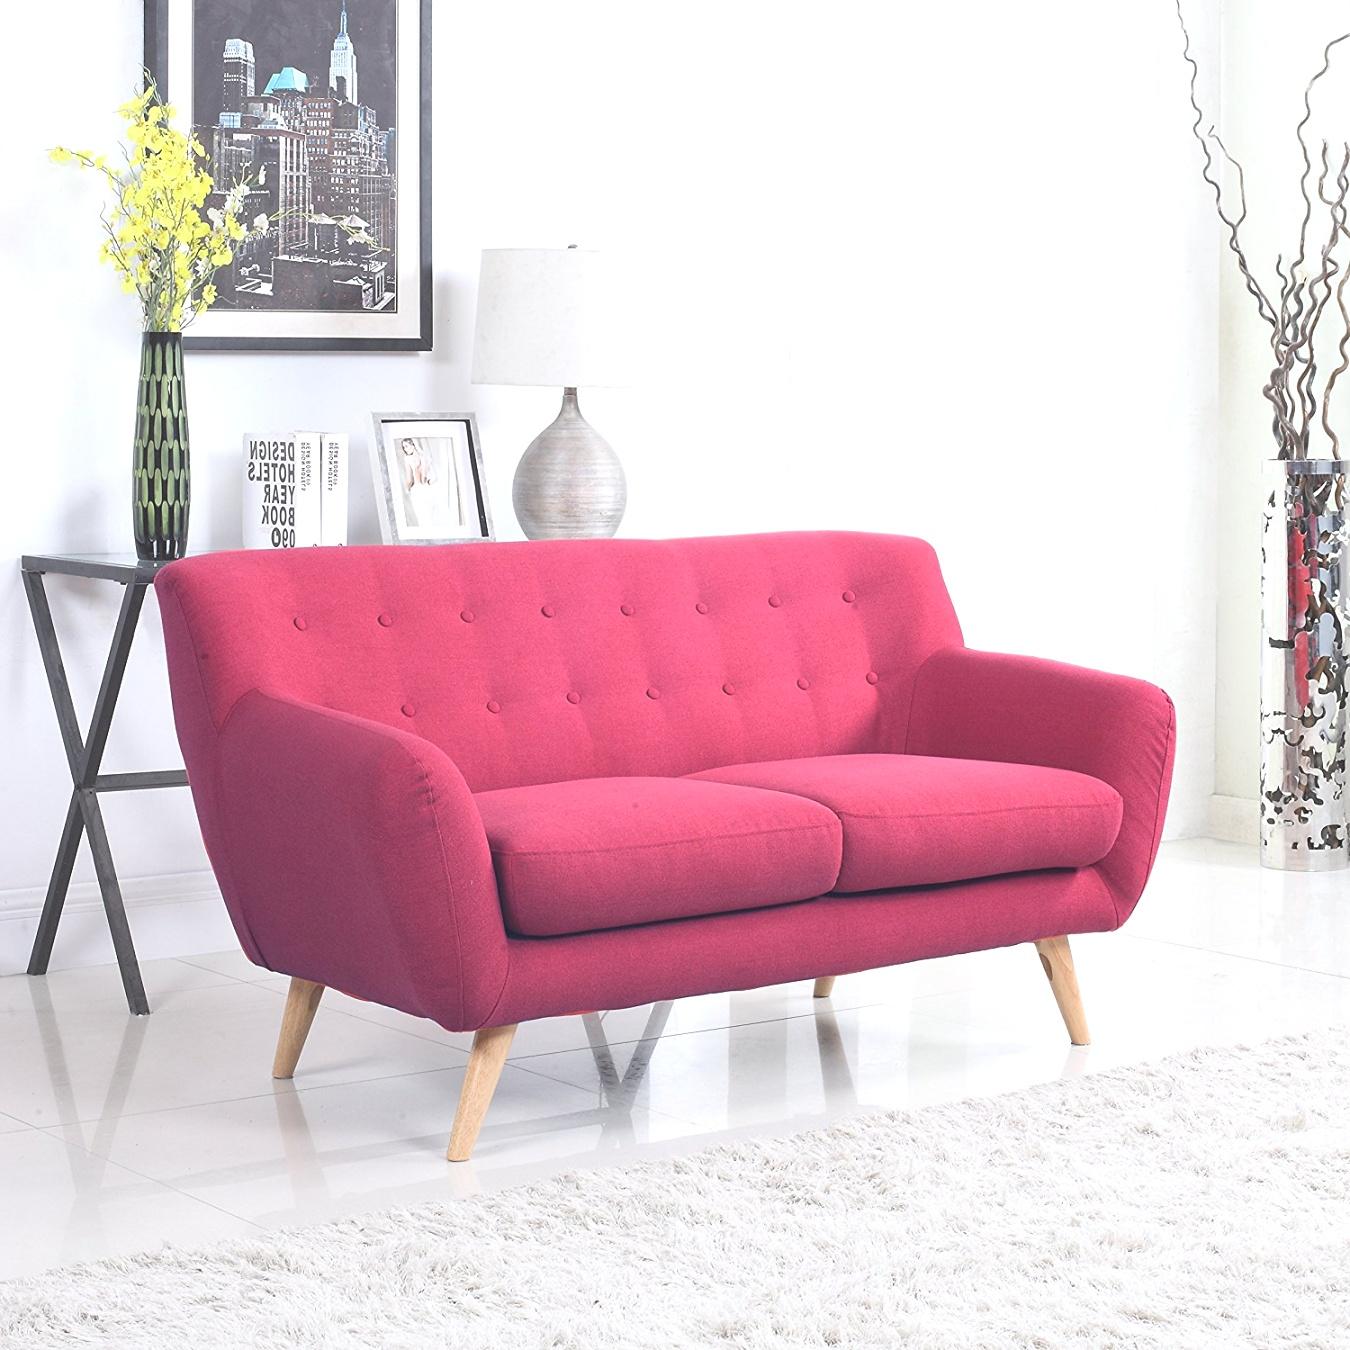 mid century modern loveseat | Amazon.com: Mid-Century Modern Linen Fabric Sofa, Loveseat in ..